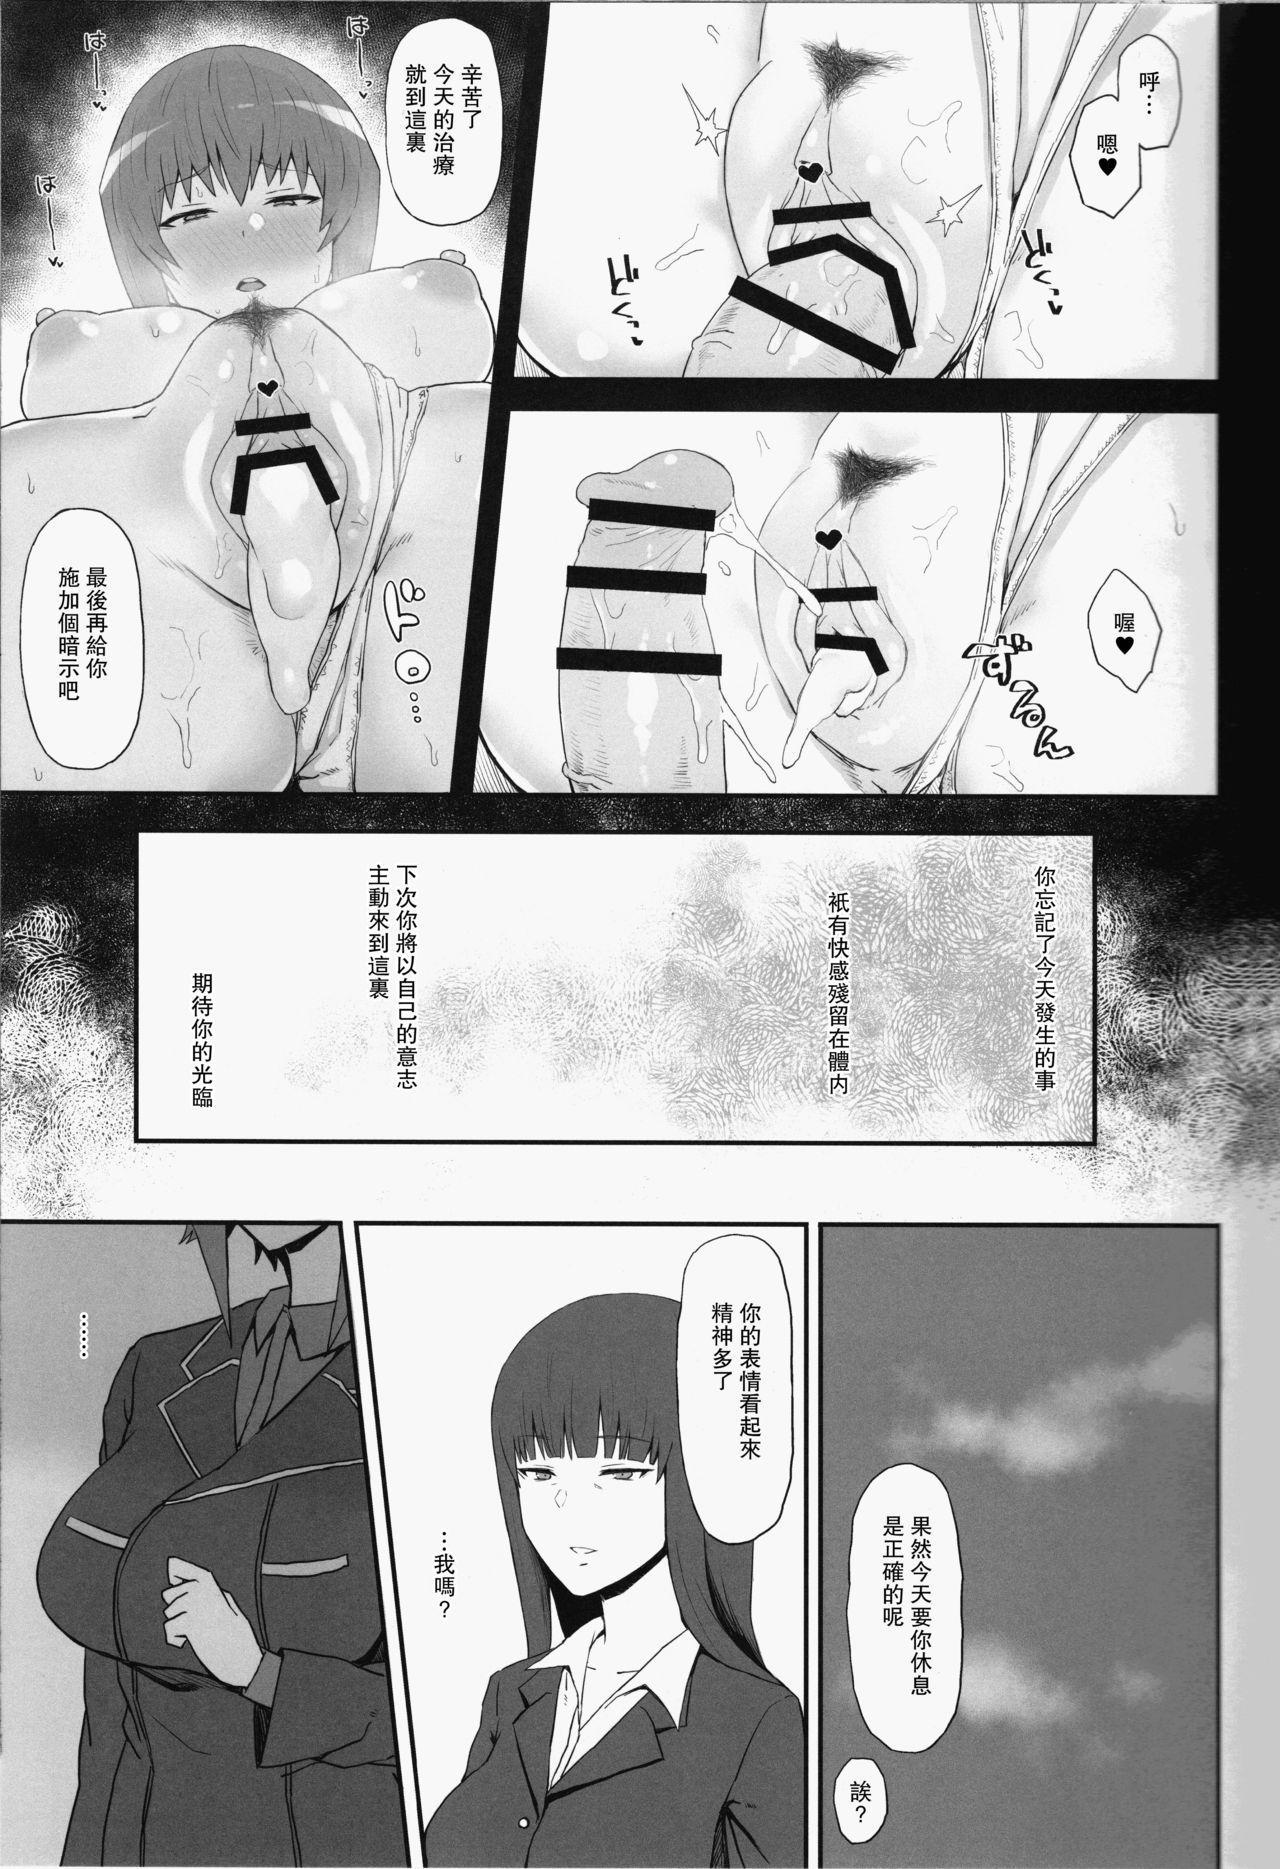 Otoko o Shitta Sensha Musume Soushuuhen 13